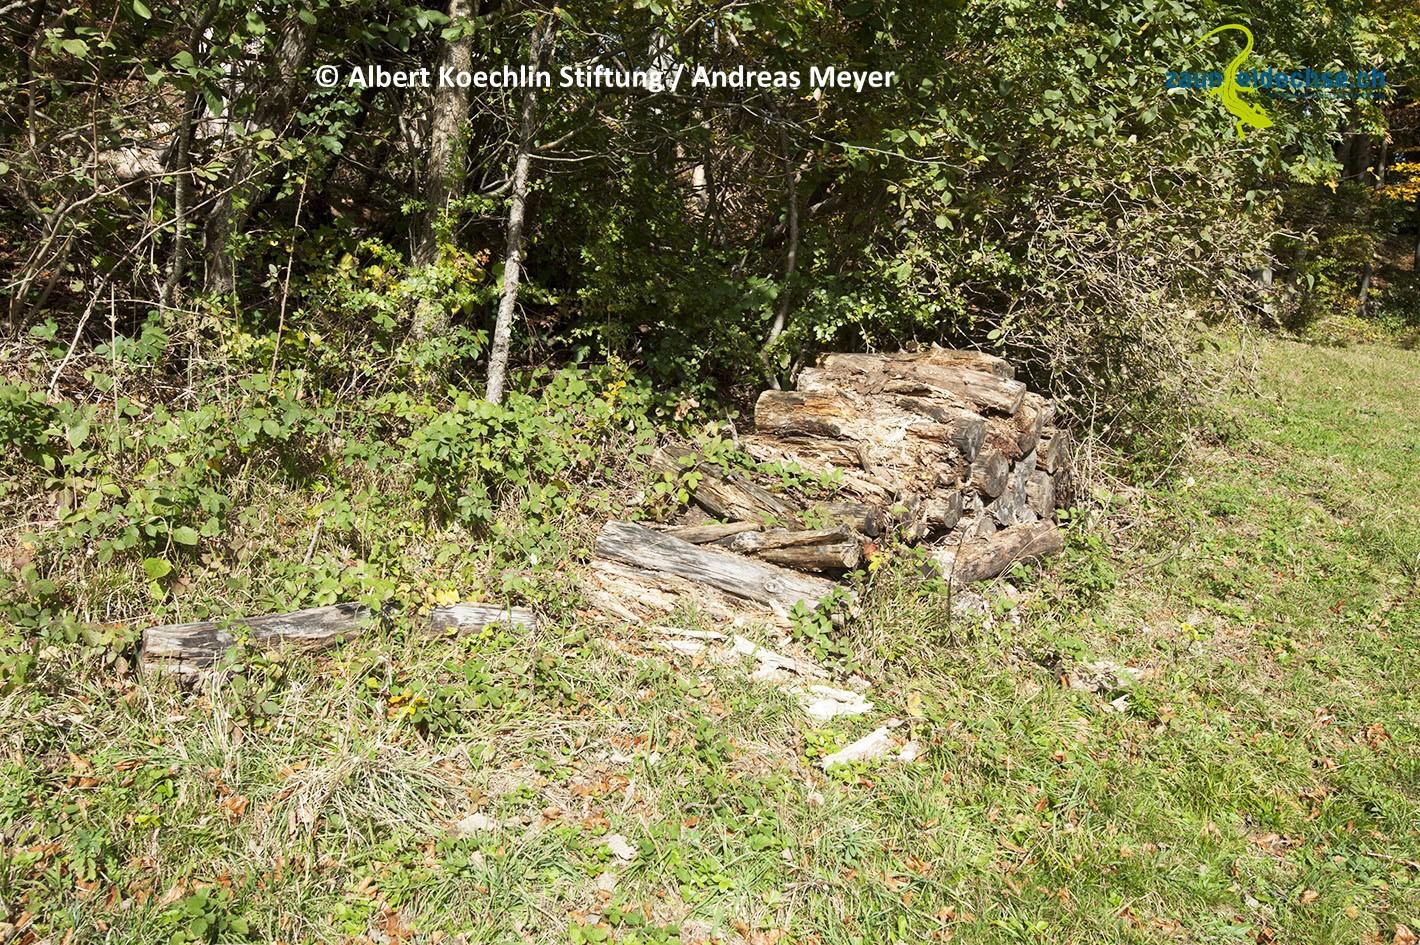 Totholz verrottet und muss von Zeit zu Zeit ersetzt oder ergänzt werden.